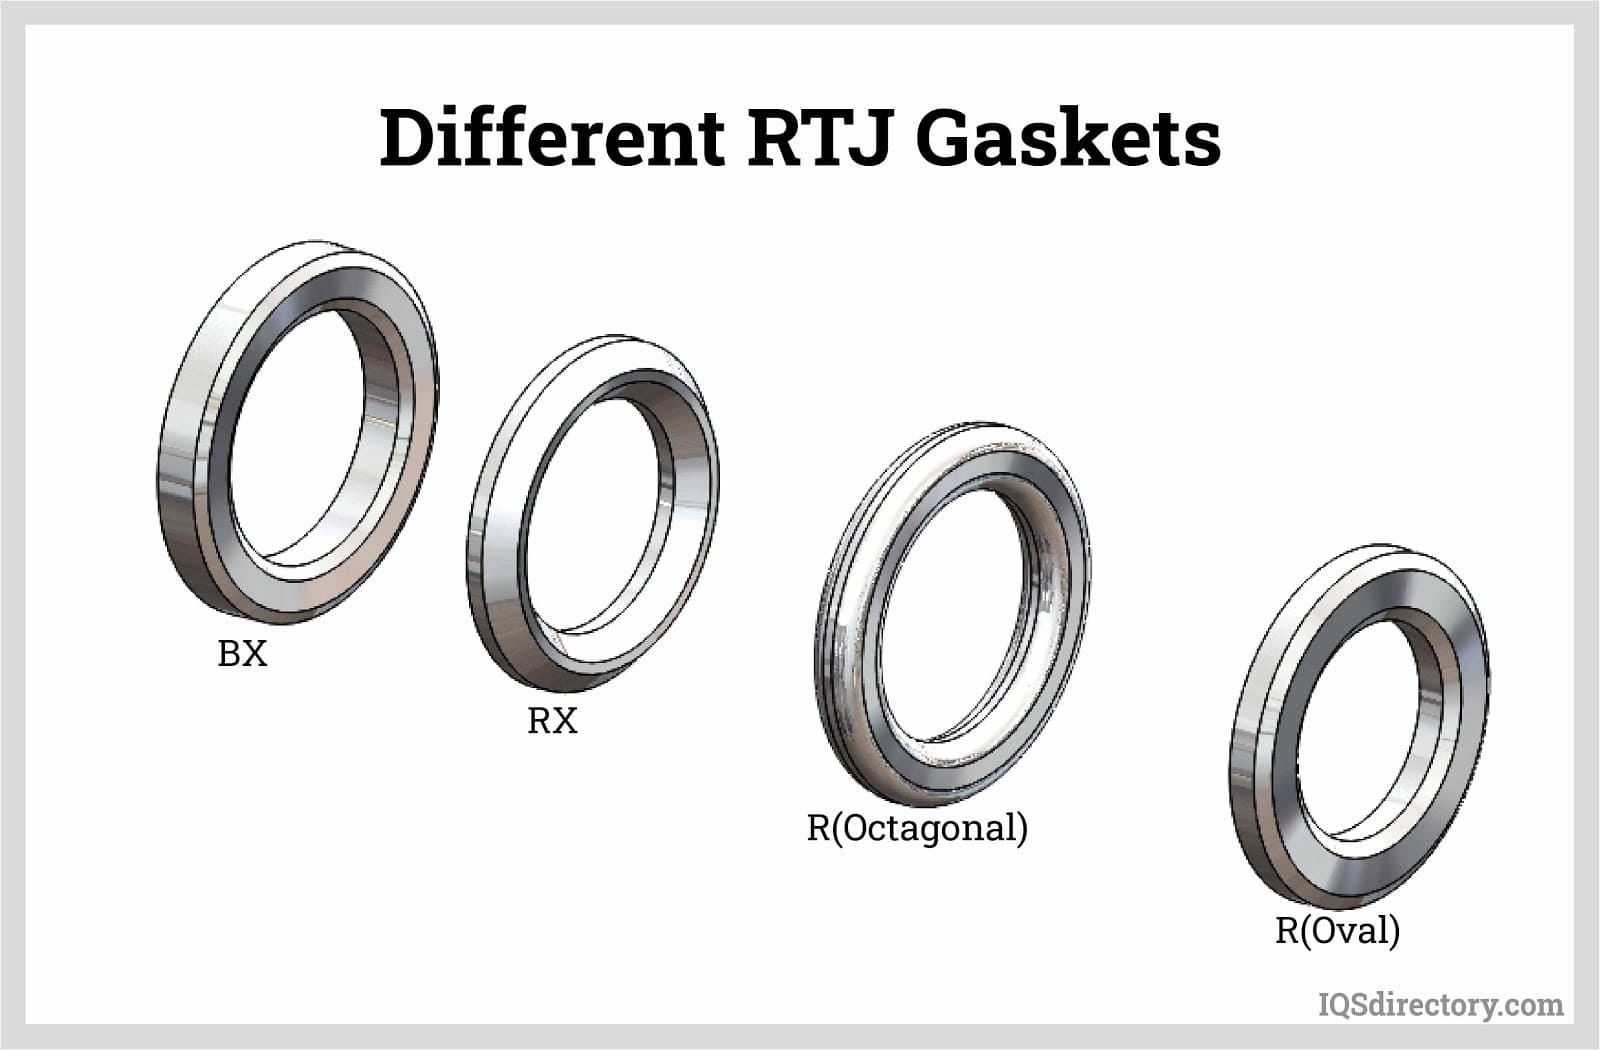 RTJ Gaskets